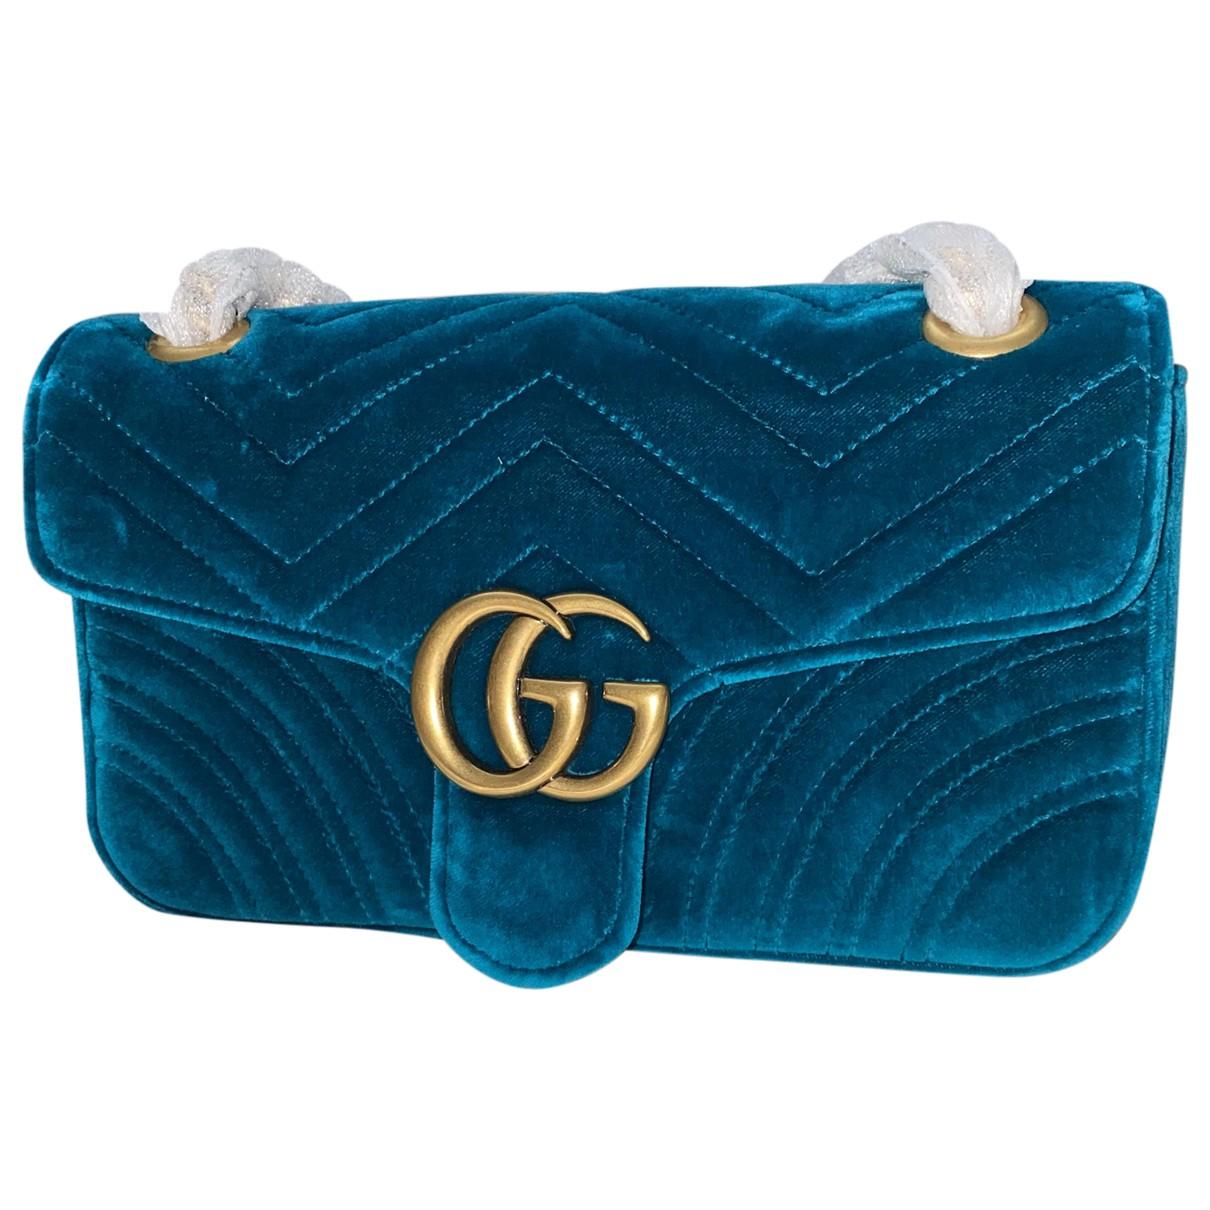 Gucci - Sac a main Marmont pour femme en velours